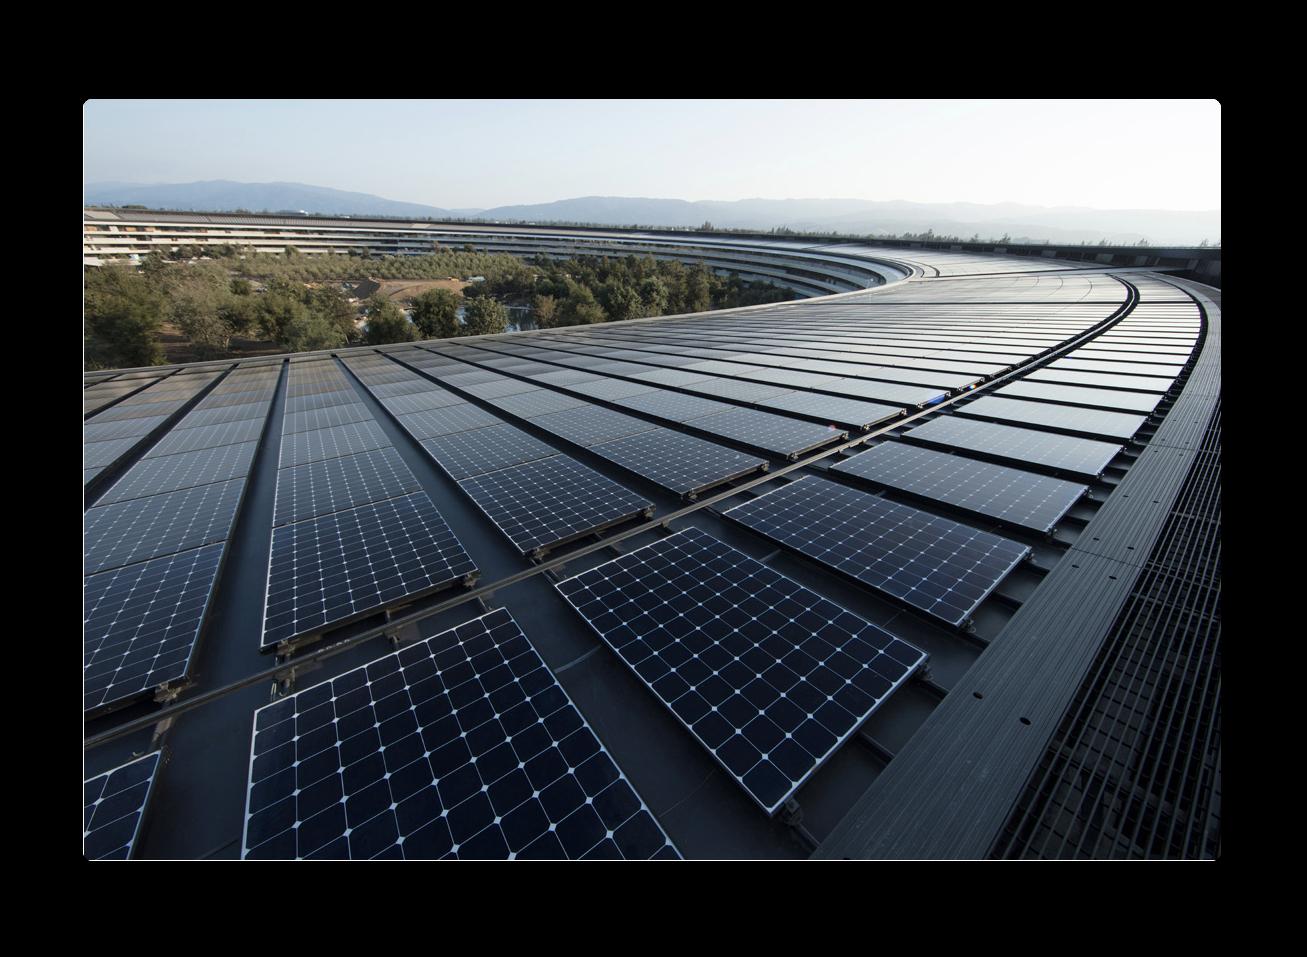 Apple、 再生可能エネルギーで 世界的に自社の電力を100%調達を発表